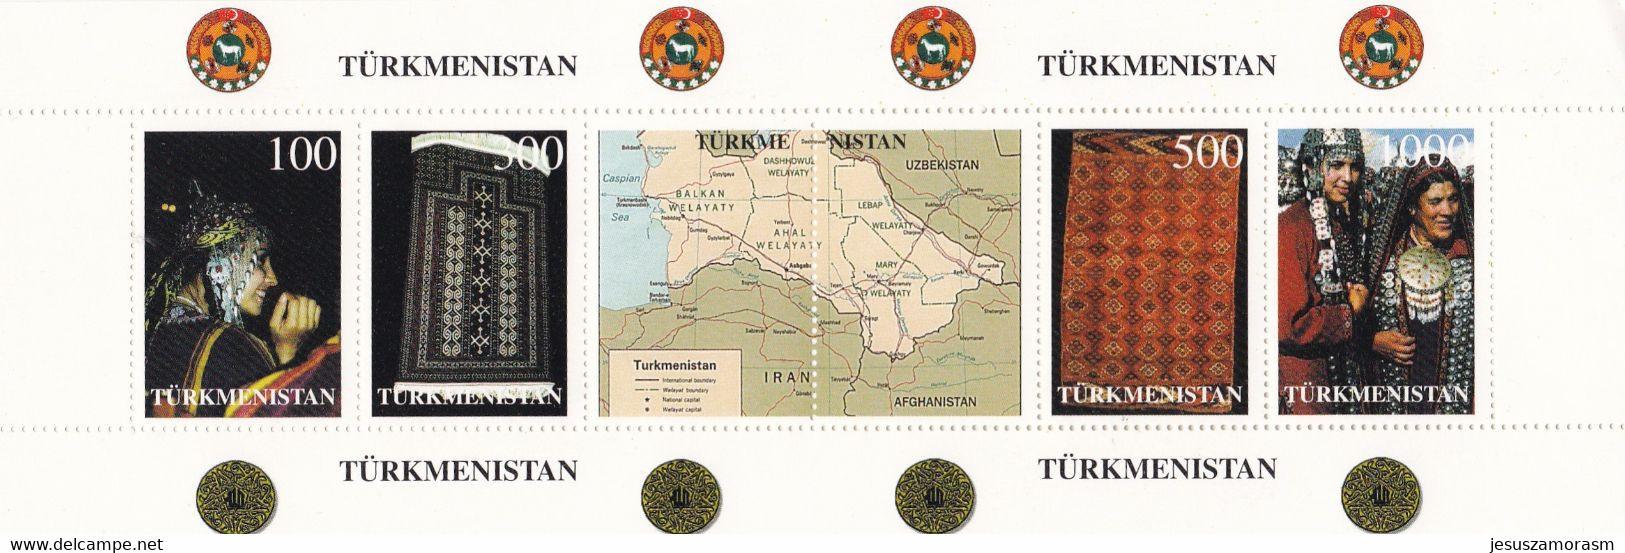 Turkmenistan Hb - Turkmenistan